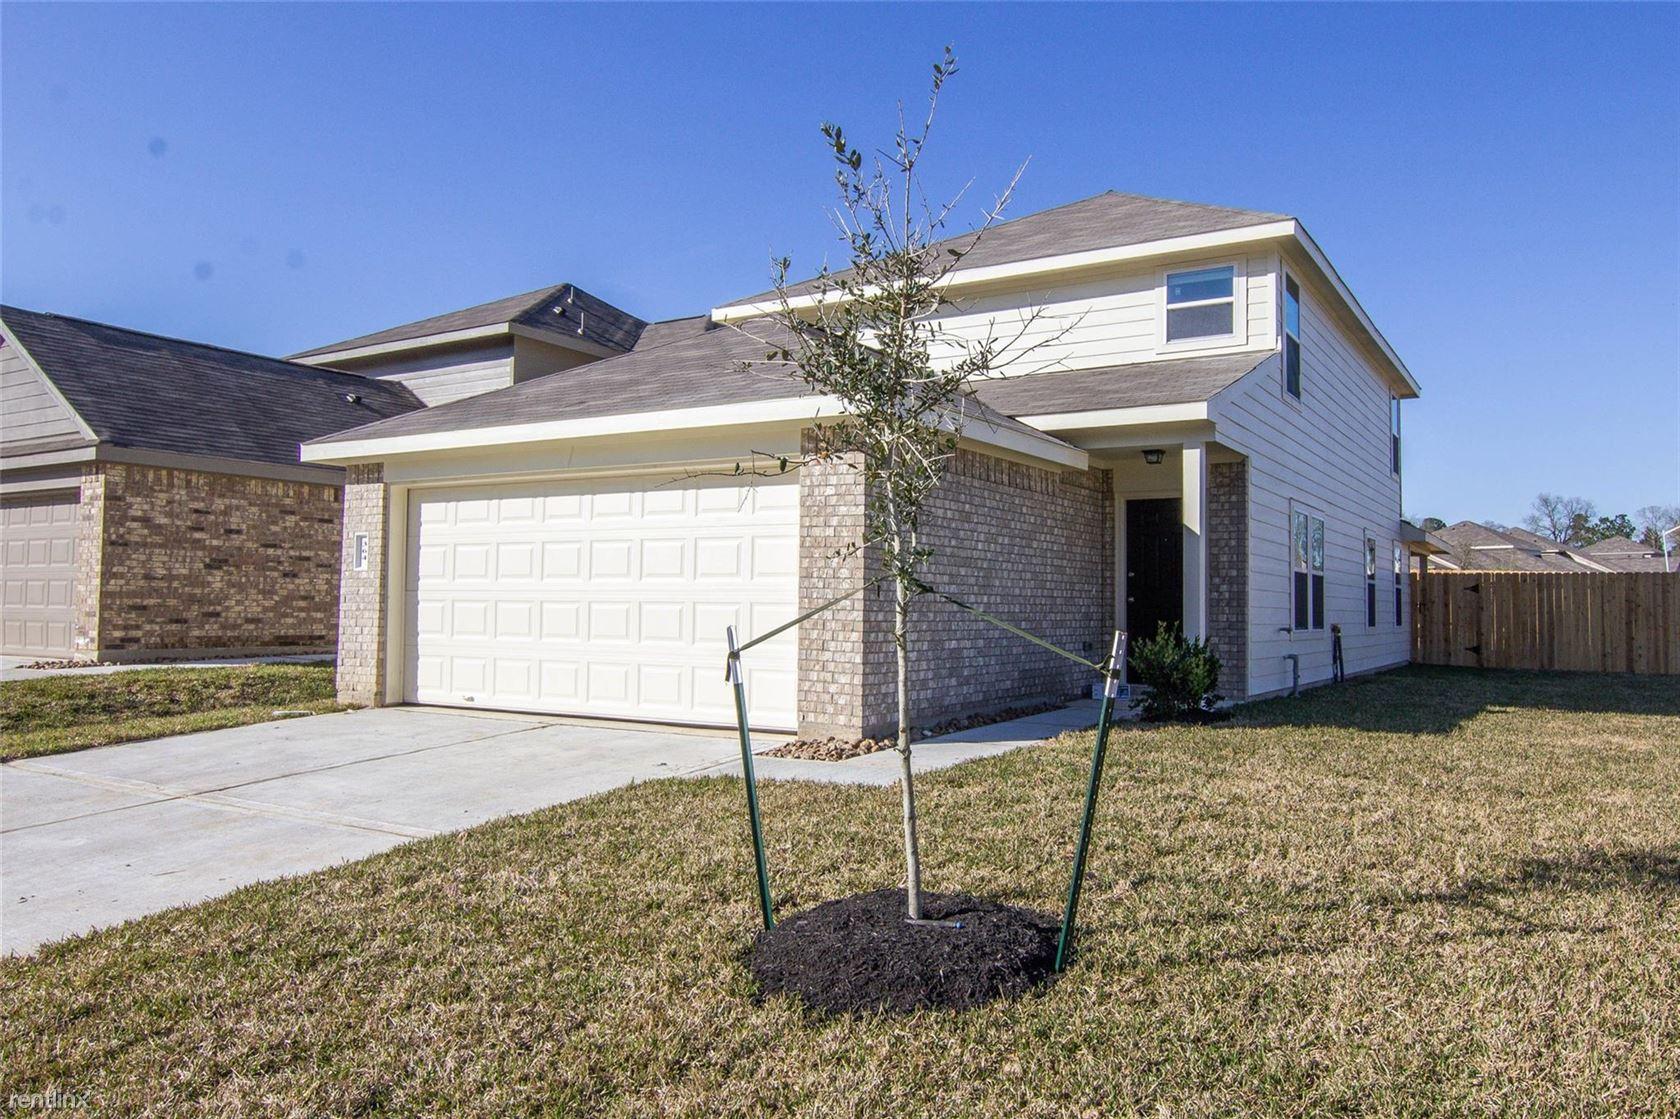 364 N Meadows Dr, Willis, TX - $1,725